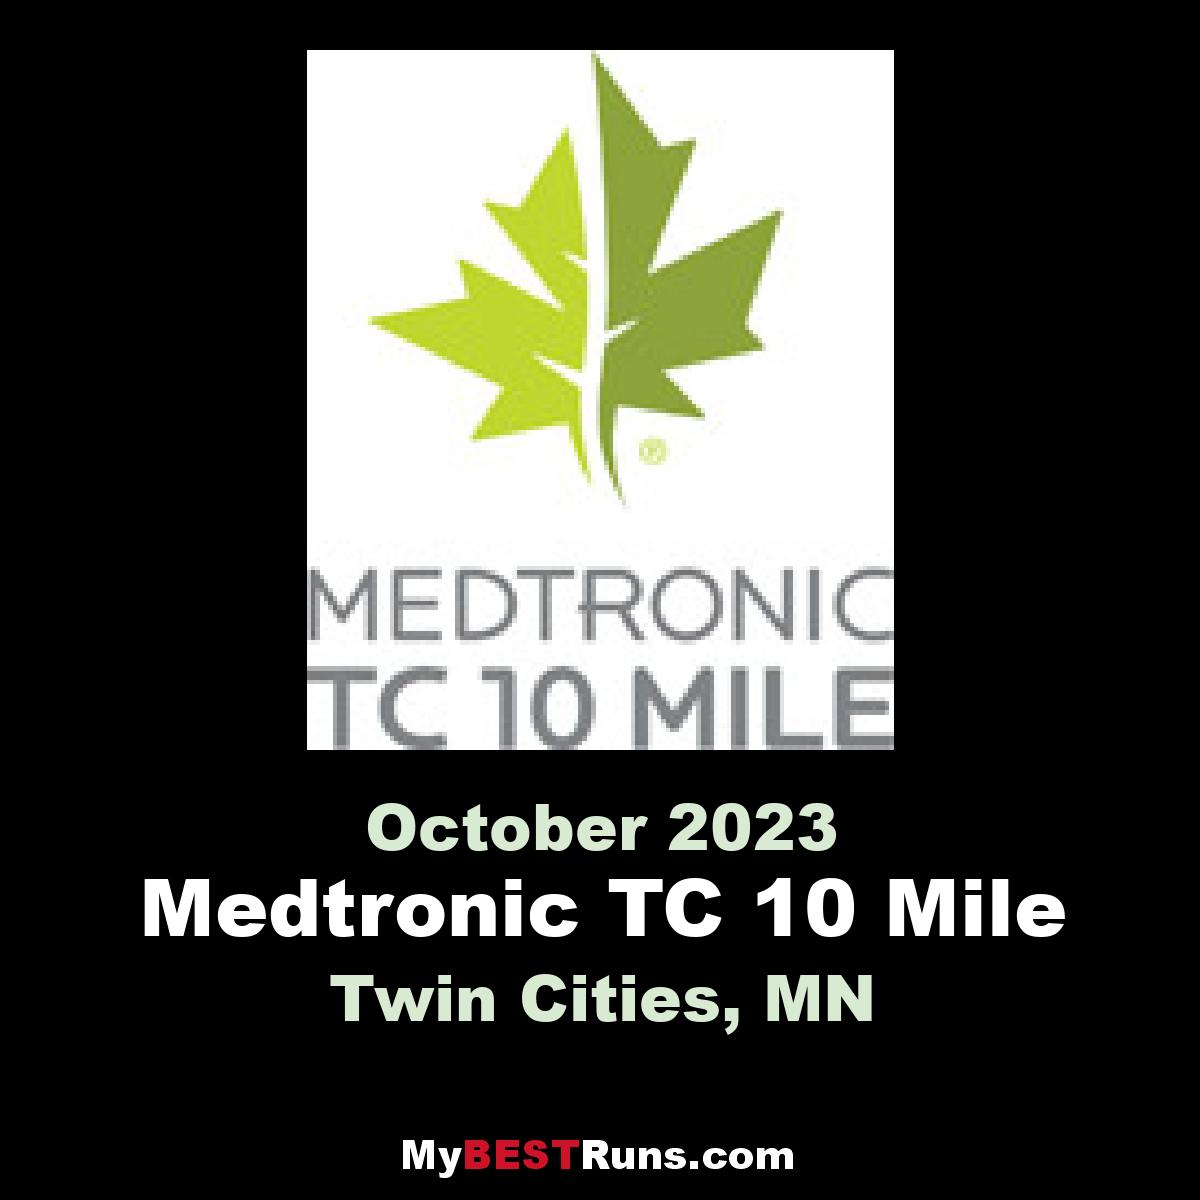 Medtronic TC 10 Mile